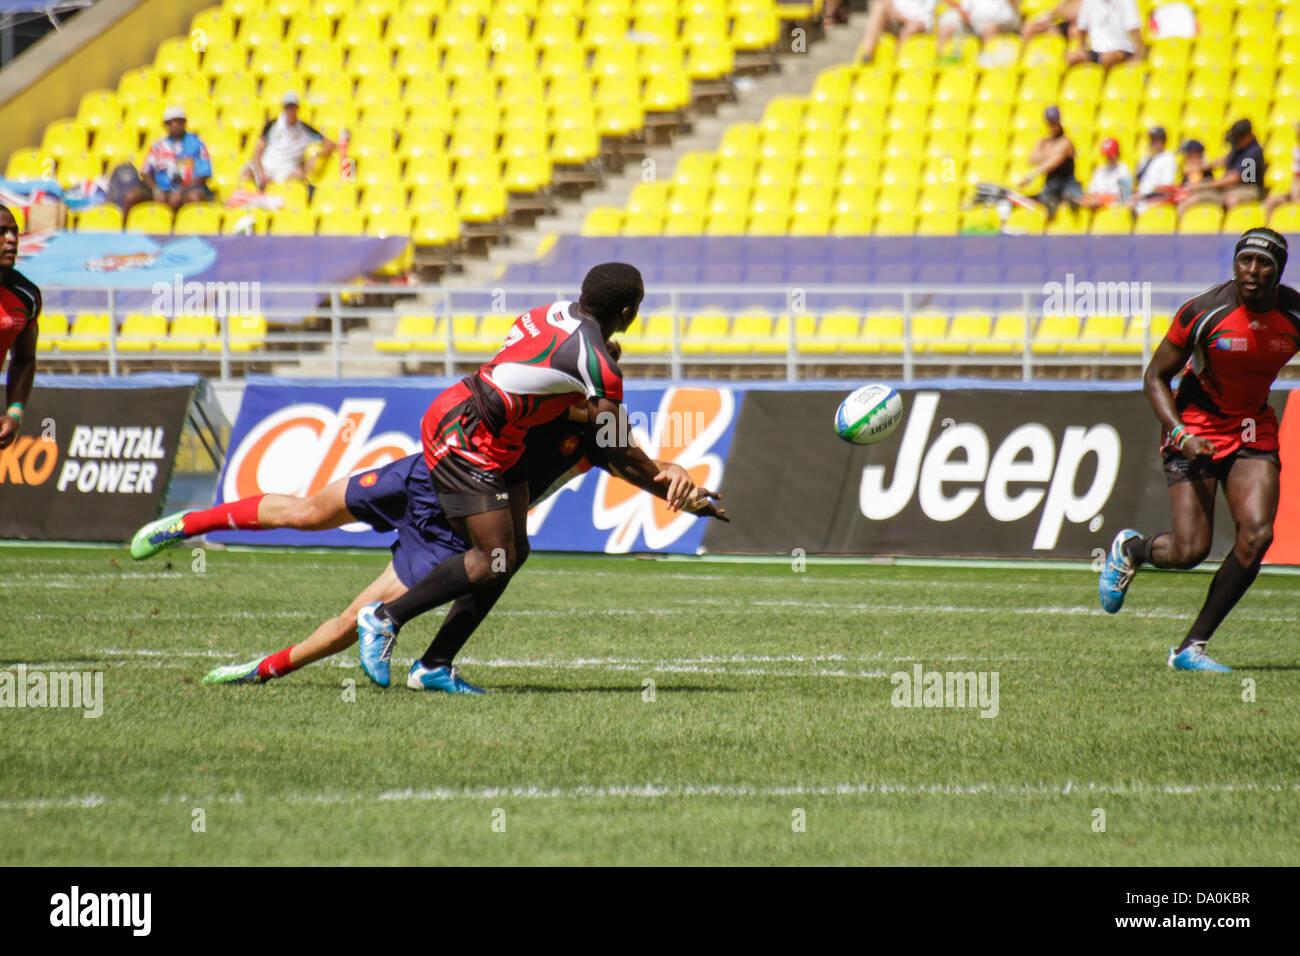 Mosca, Russia. Il 30 giugno 2013. Oscar Auma del Kenya passa la palla a metà affrontare al compagno di squadra Immagini Stock